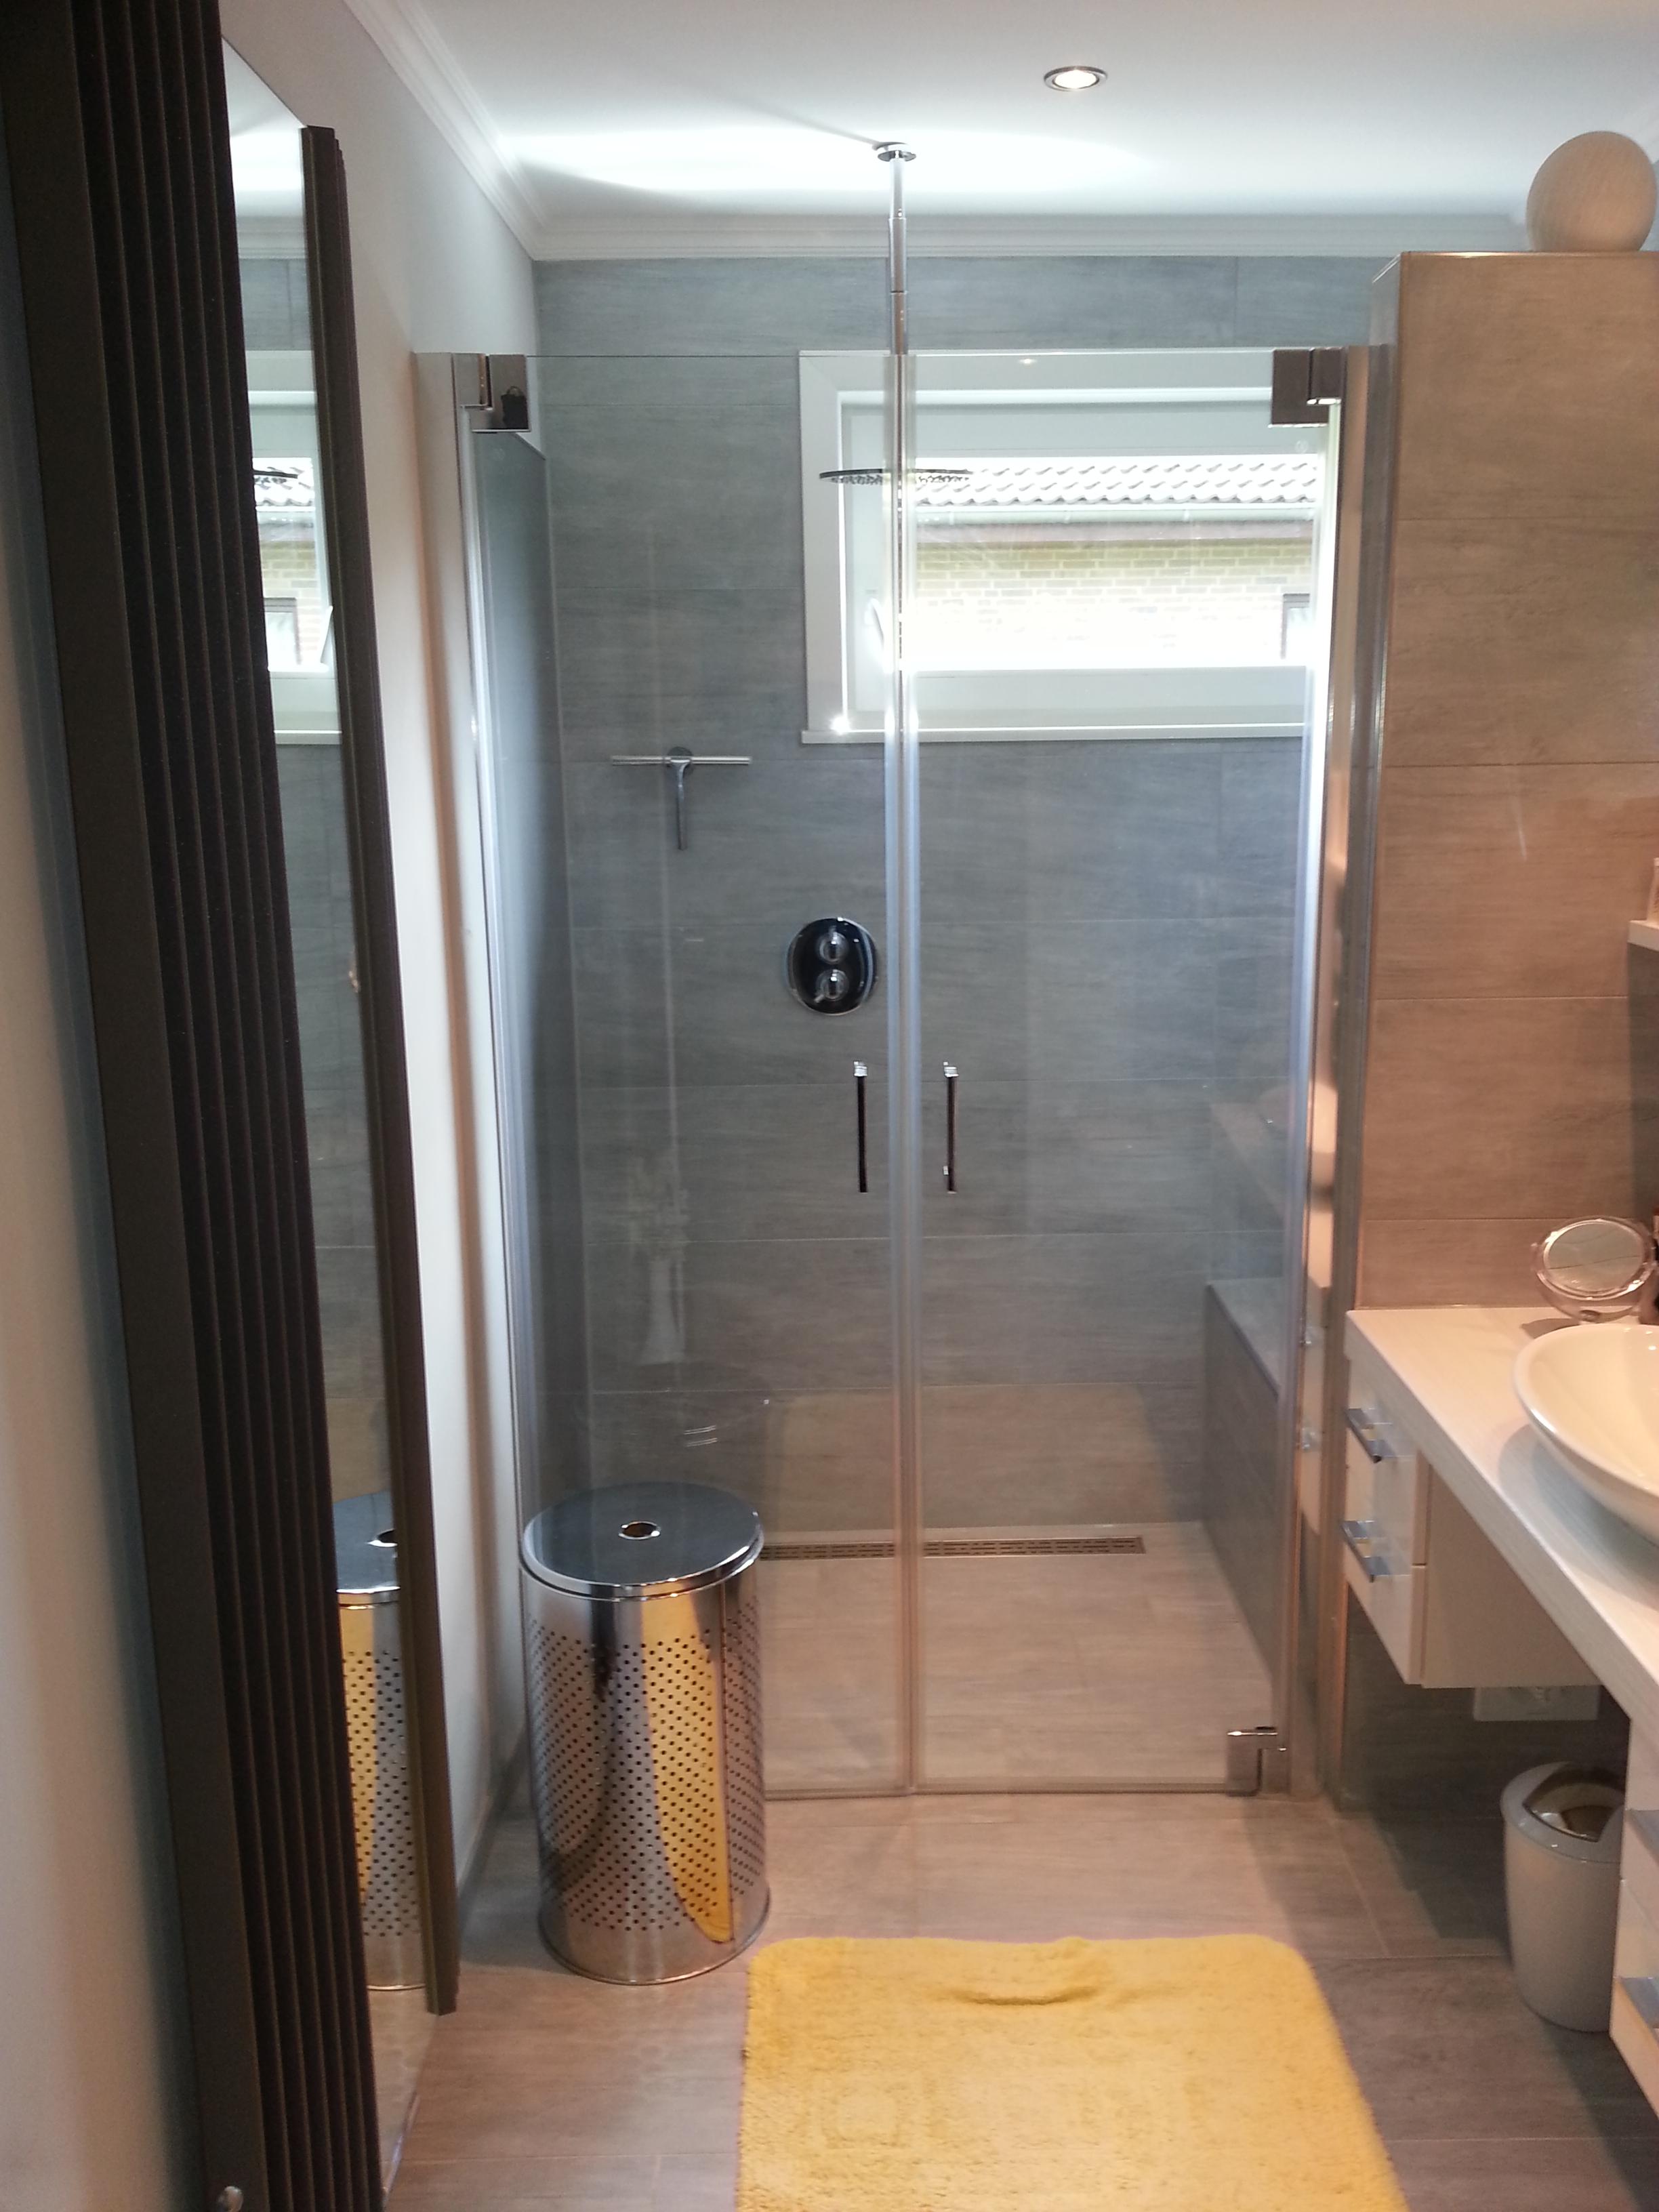 gerd nolte heizung & sanitär – badezimmer – glas-duschkabine mit, Hause ideen